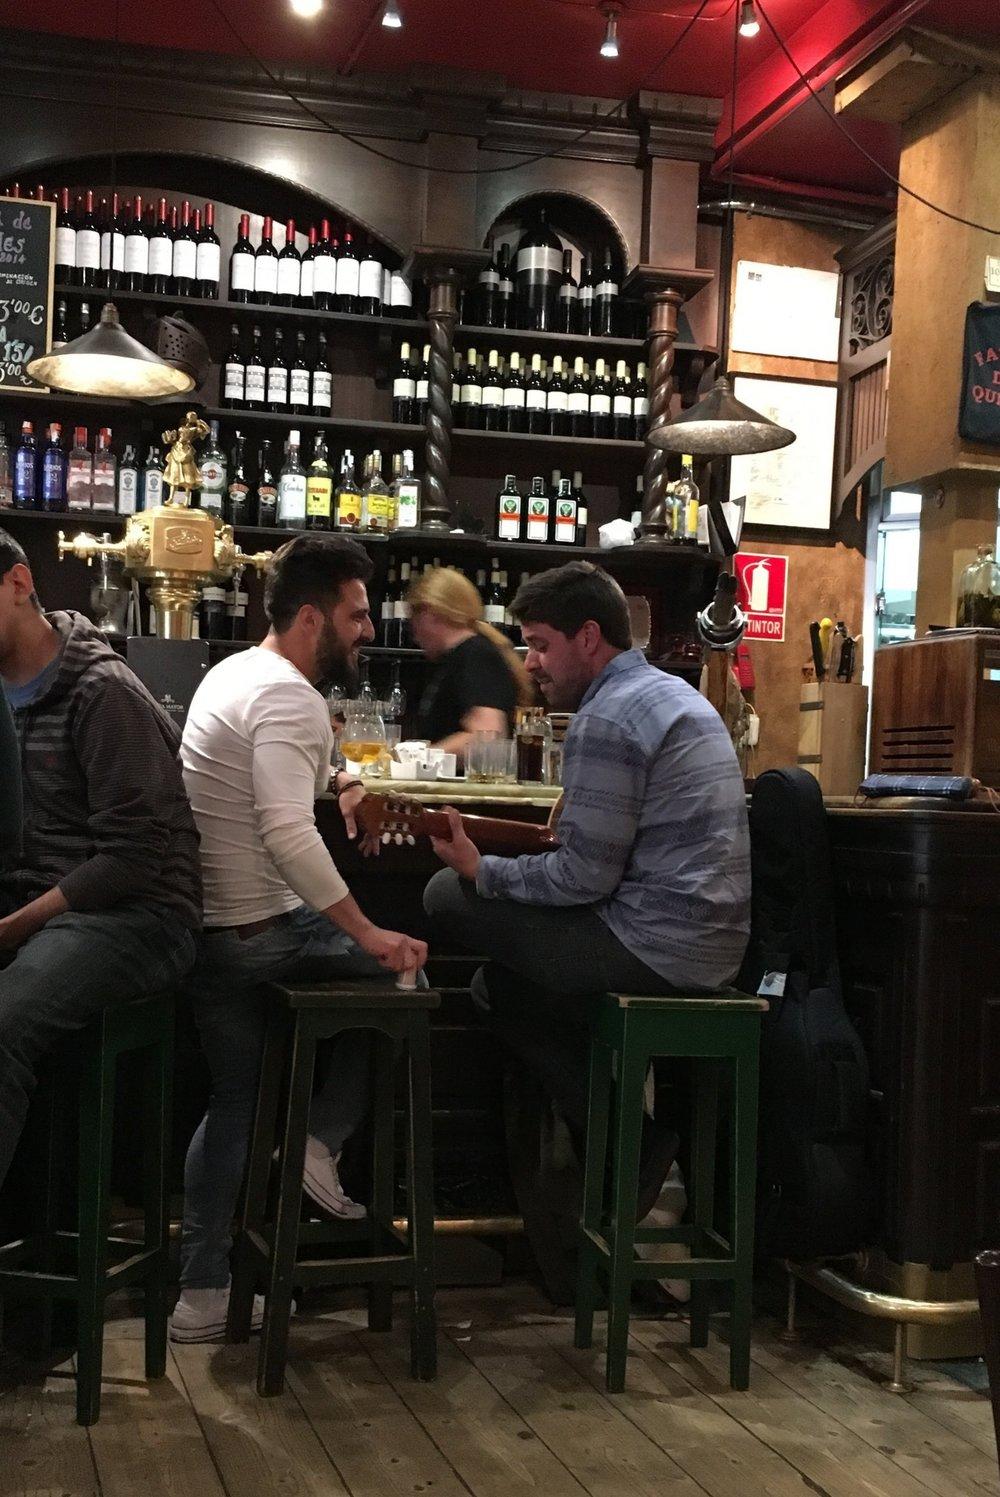 Musicians at Fatigas del Querer